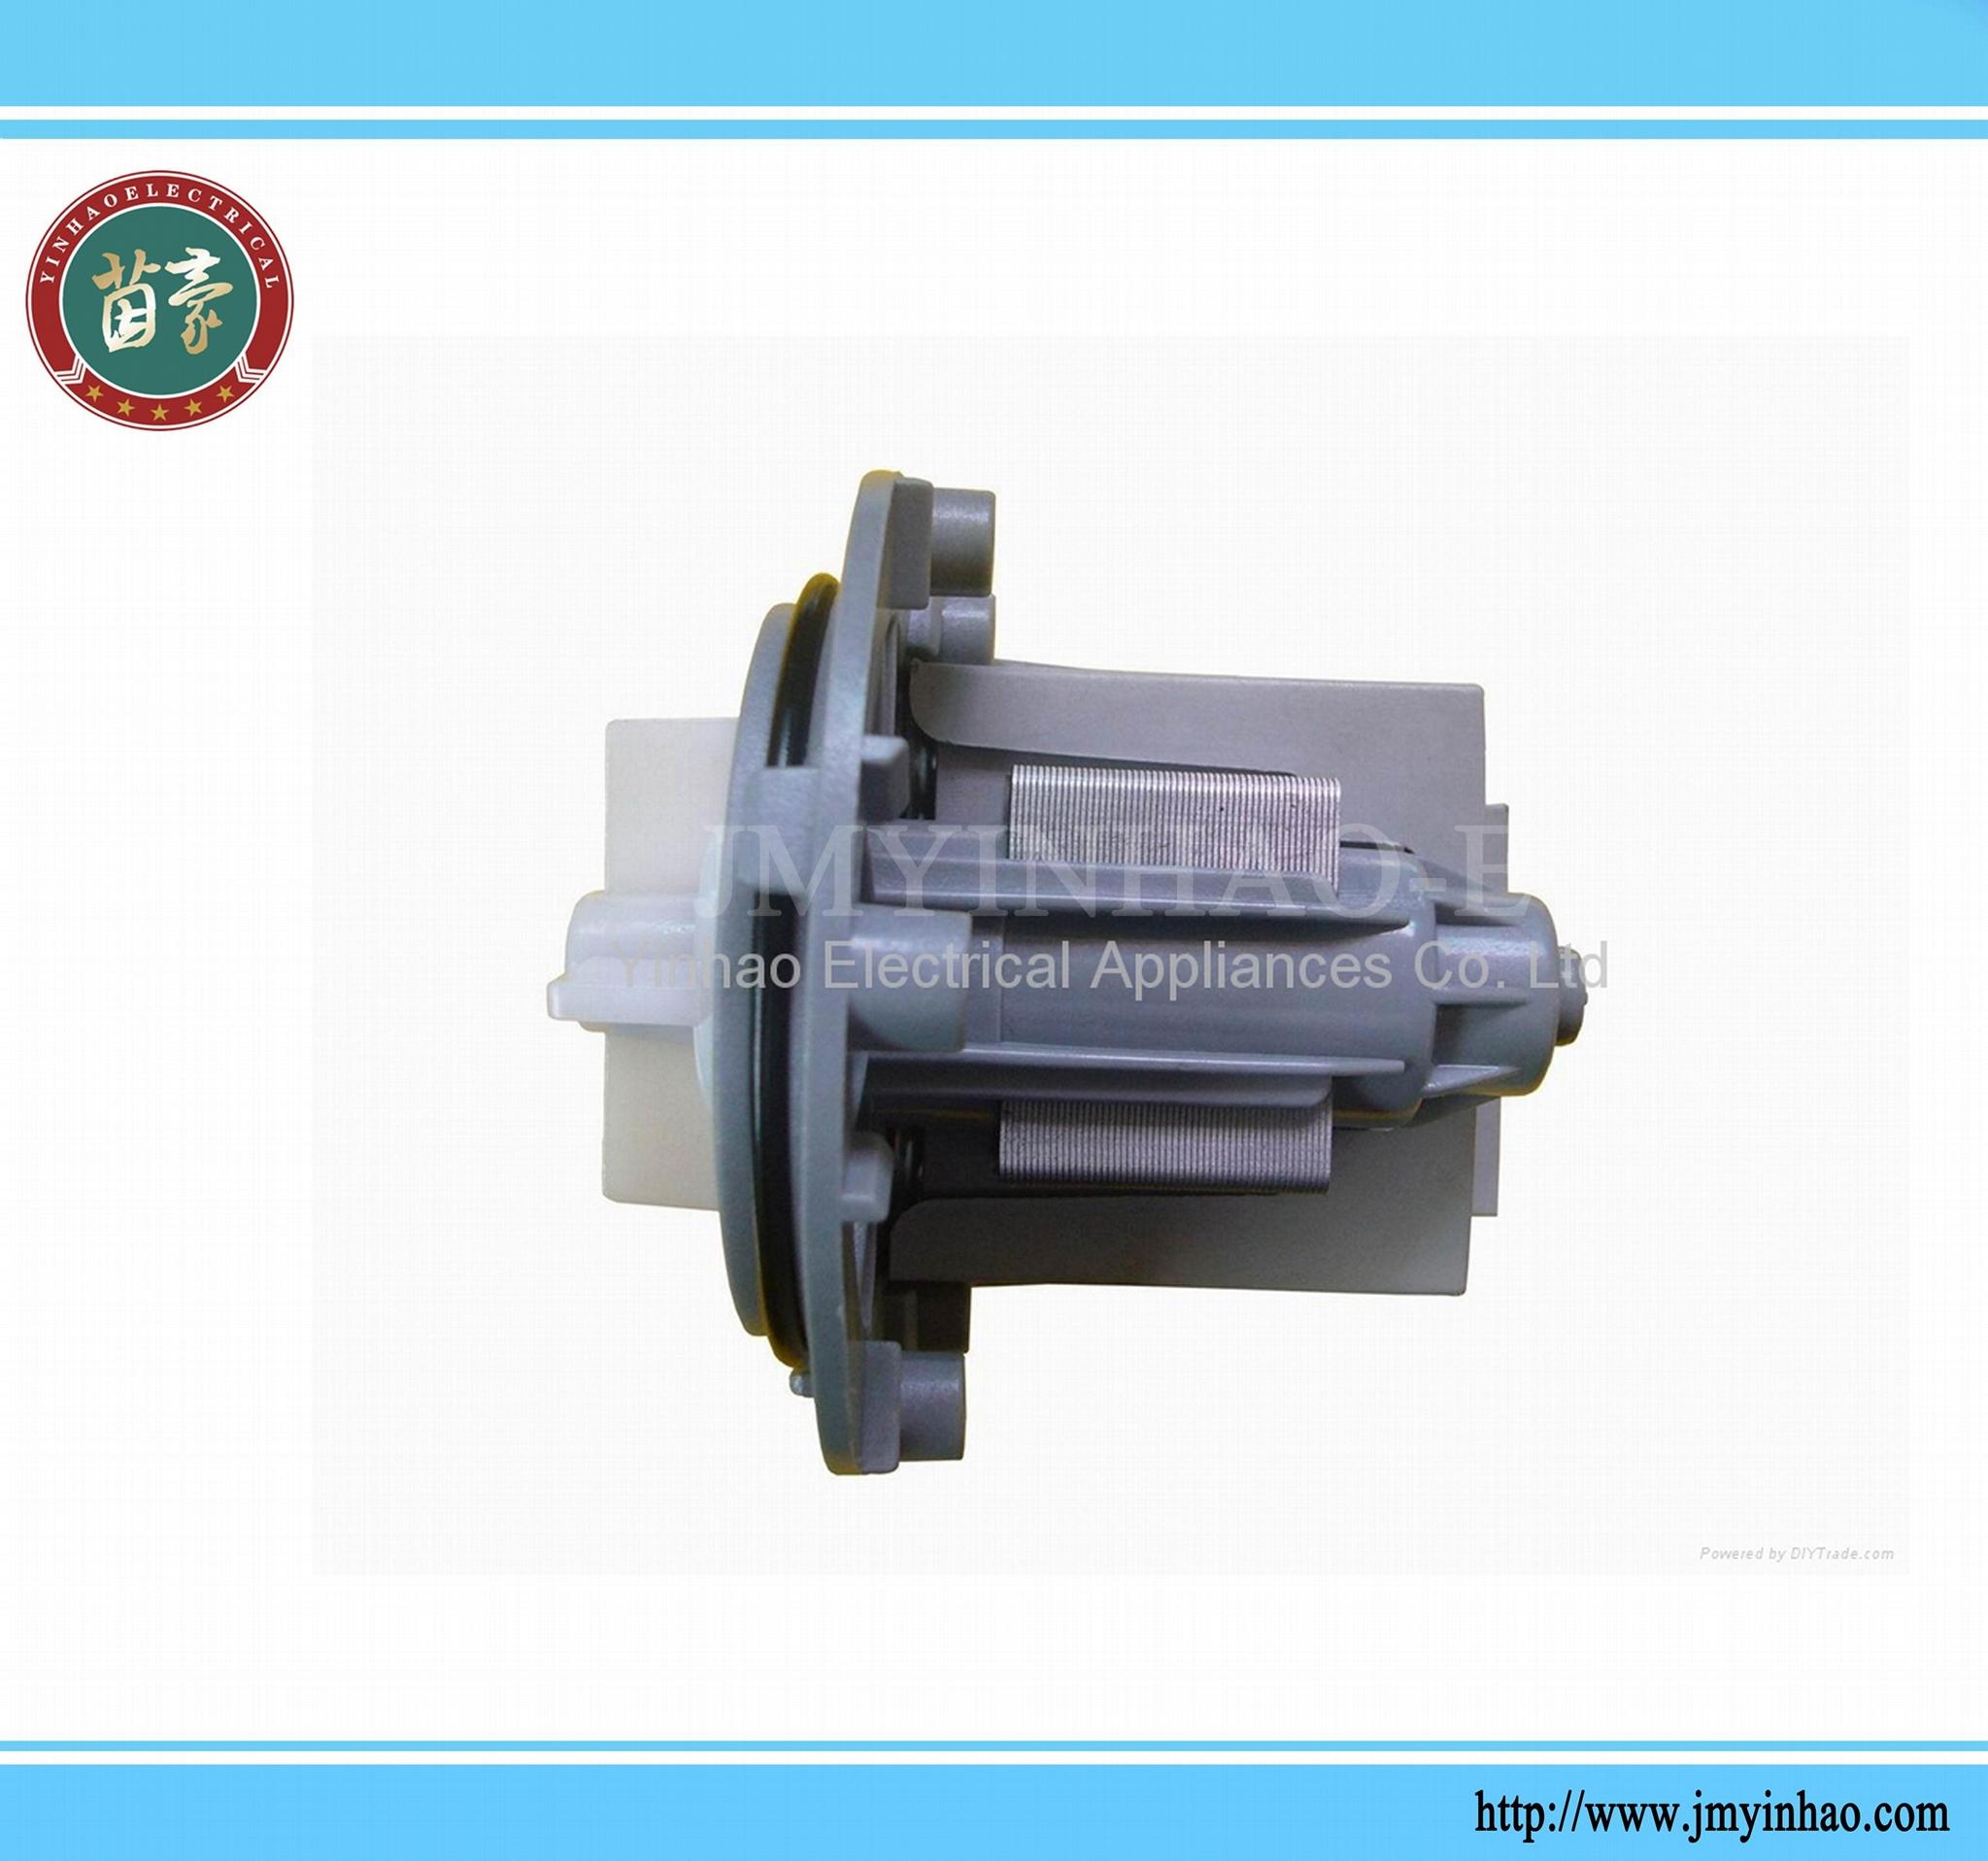 廠家直銷高質洗衣機排水泵/低噪音排水泵 2